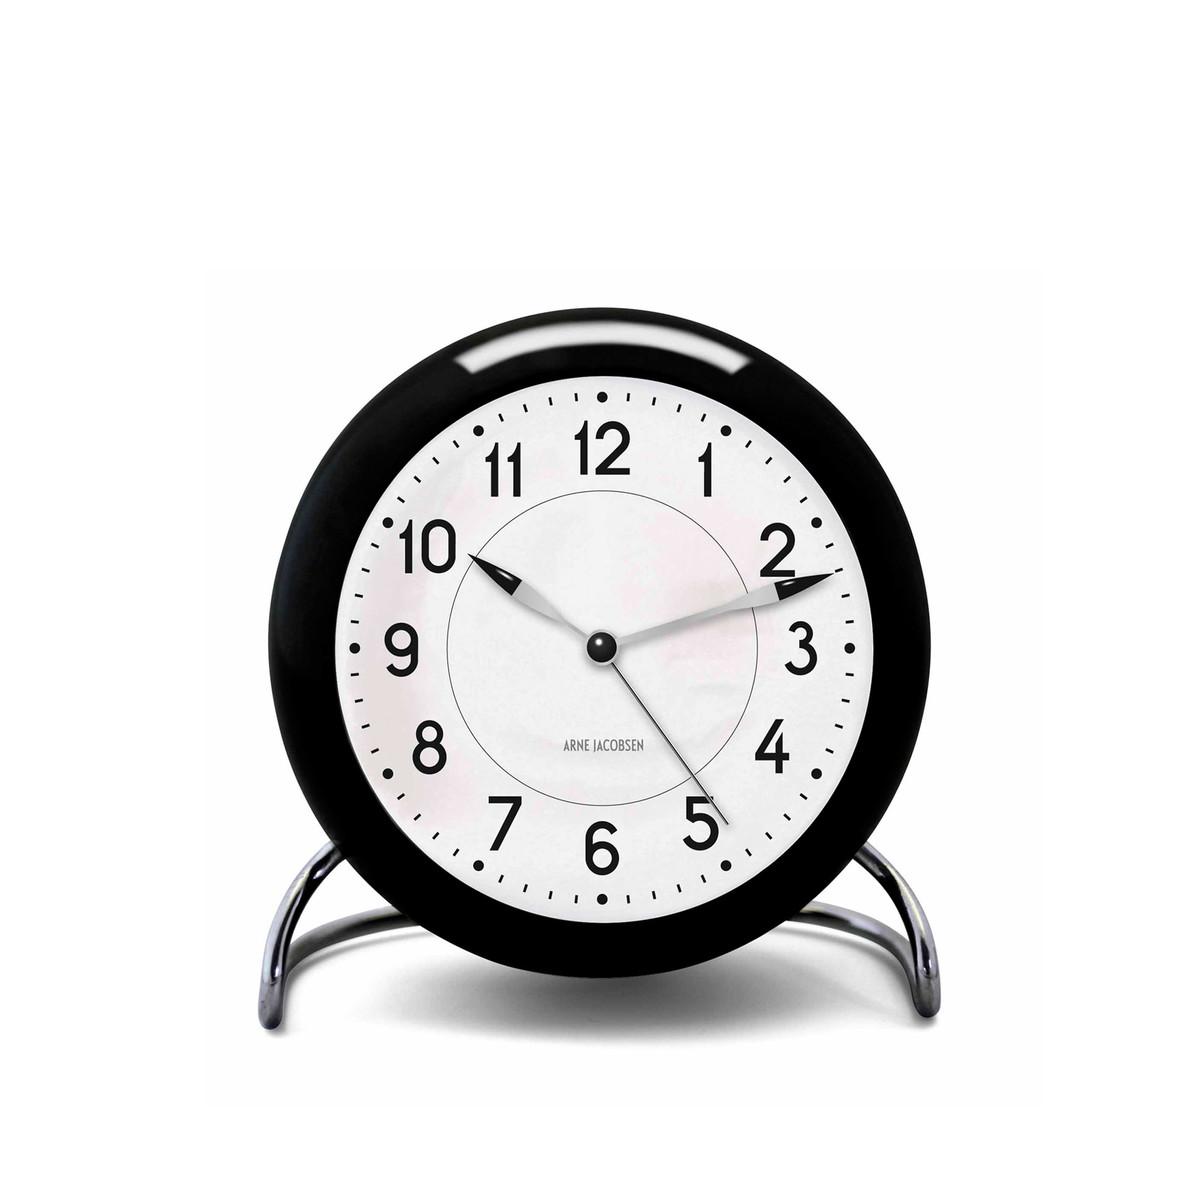 1200x1200 Aj Station Alarm Clock Rosendahl Shop